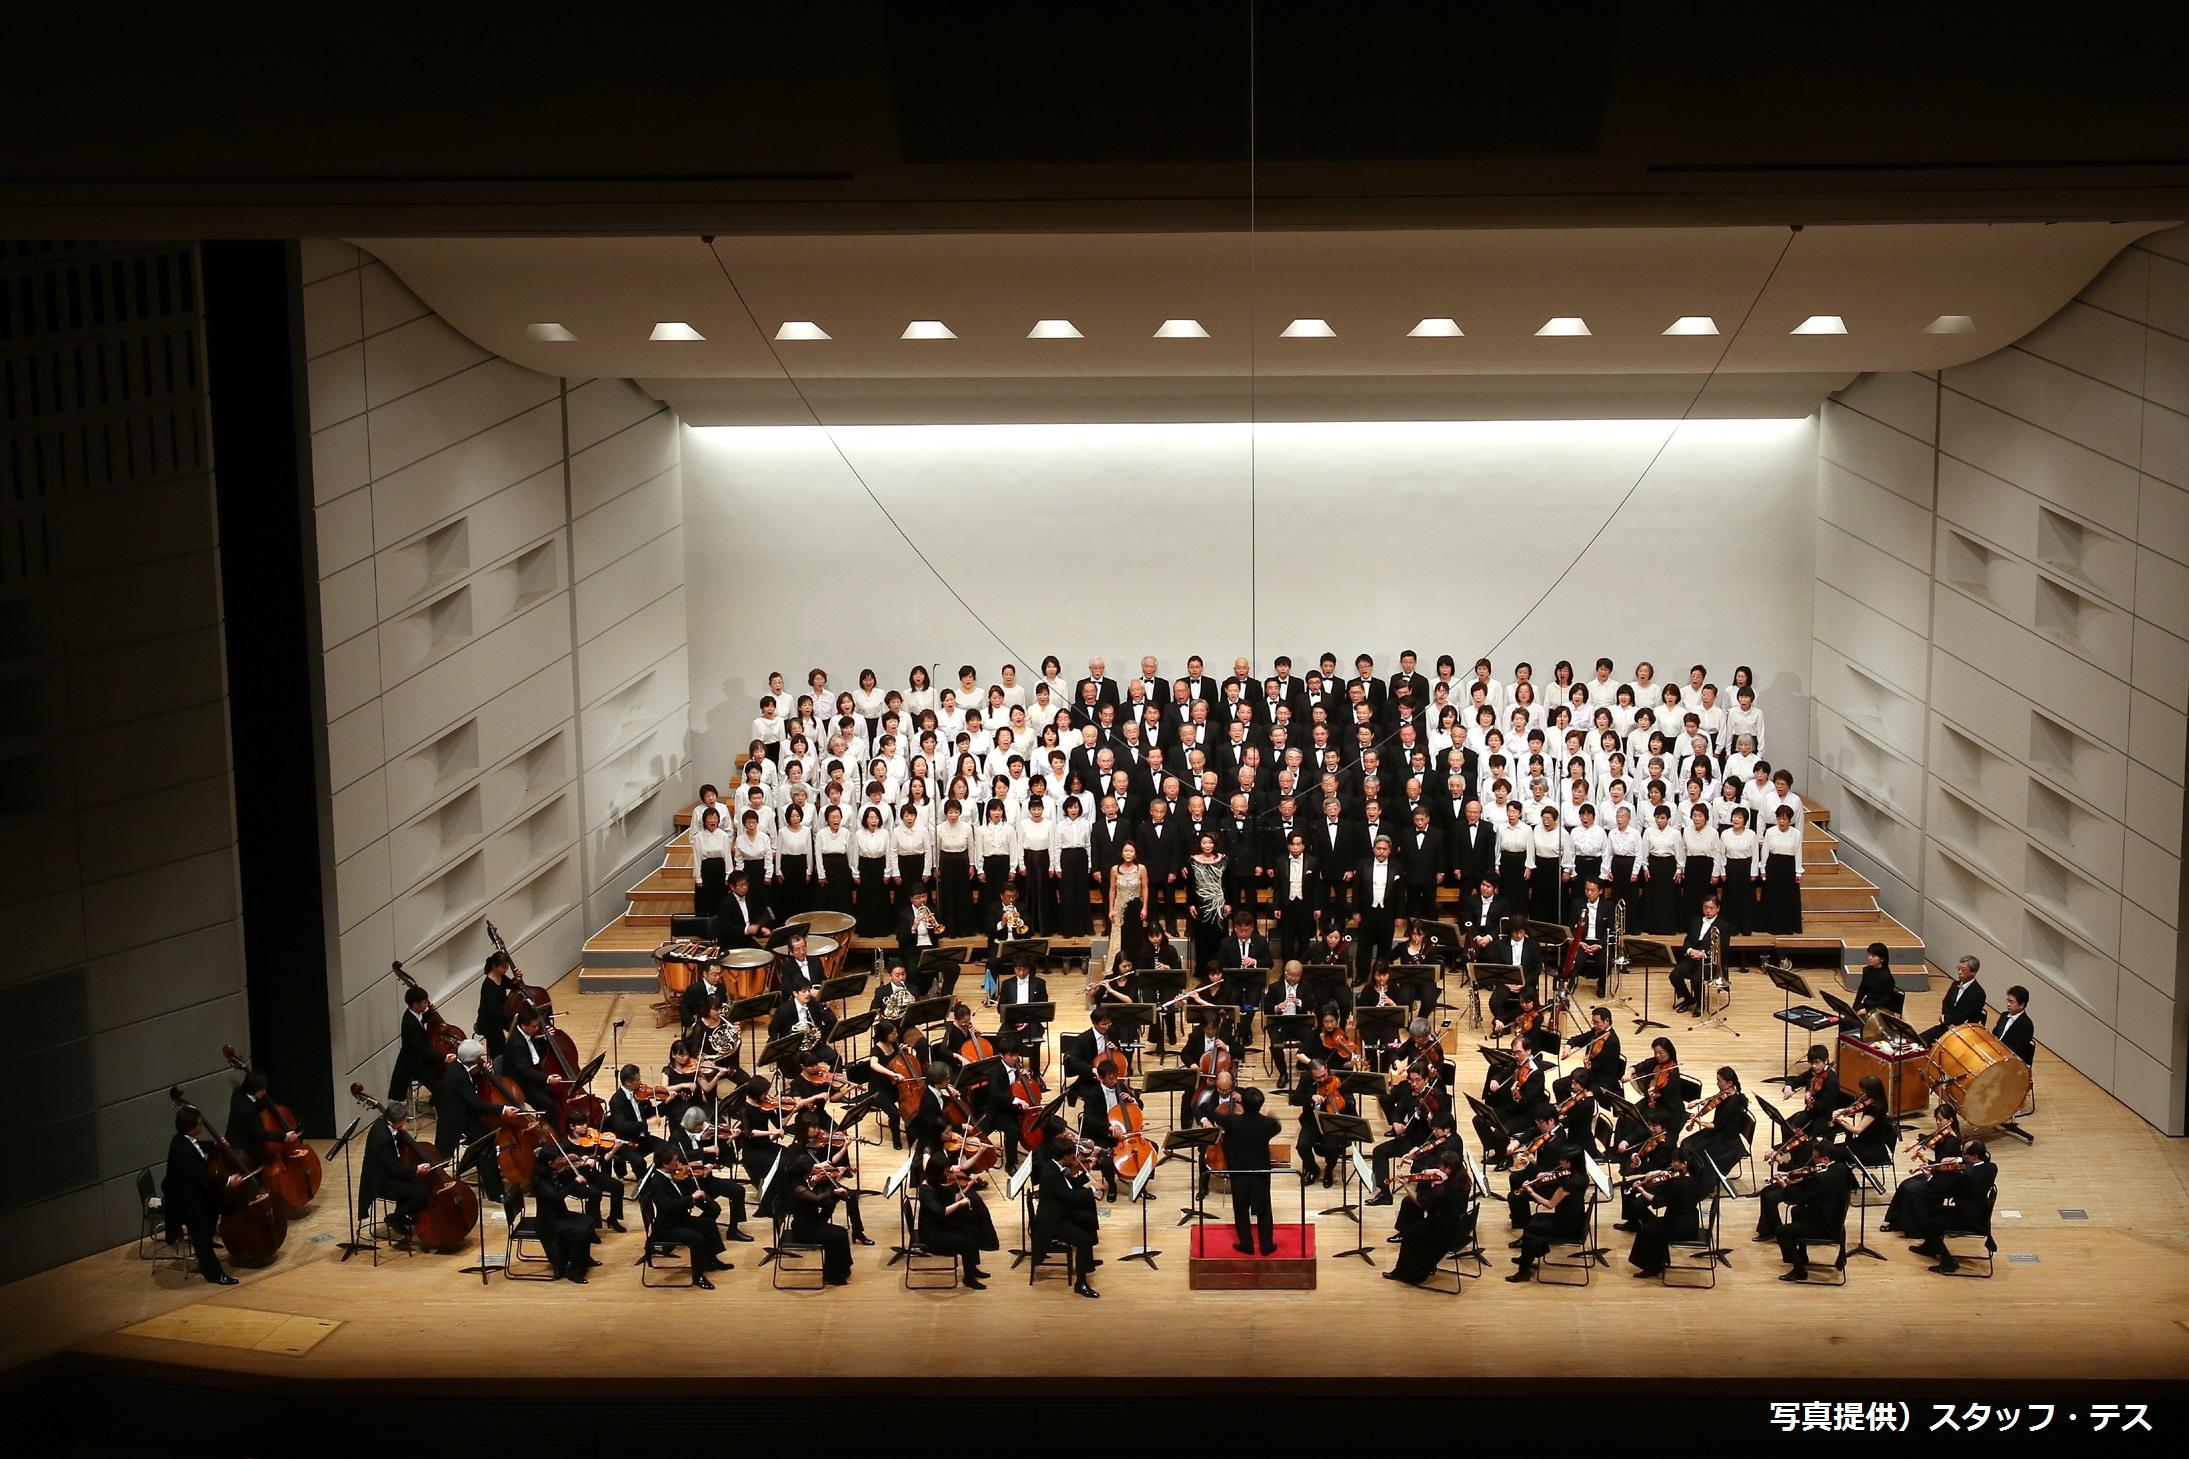 交響曲第九番を歌うことを標榜した老若男女による陽気な集まり 埼玉ブルース第三十五回